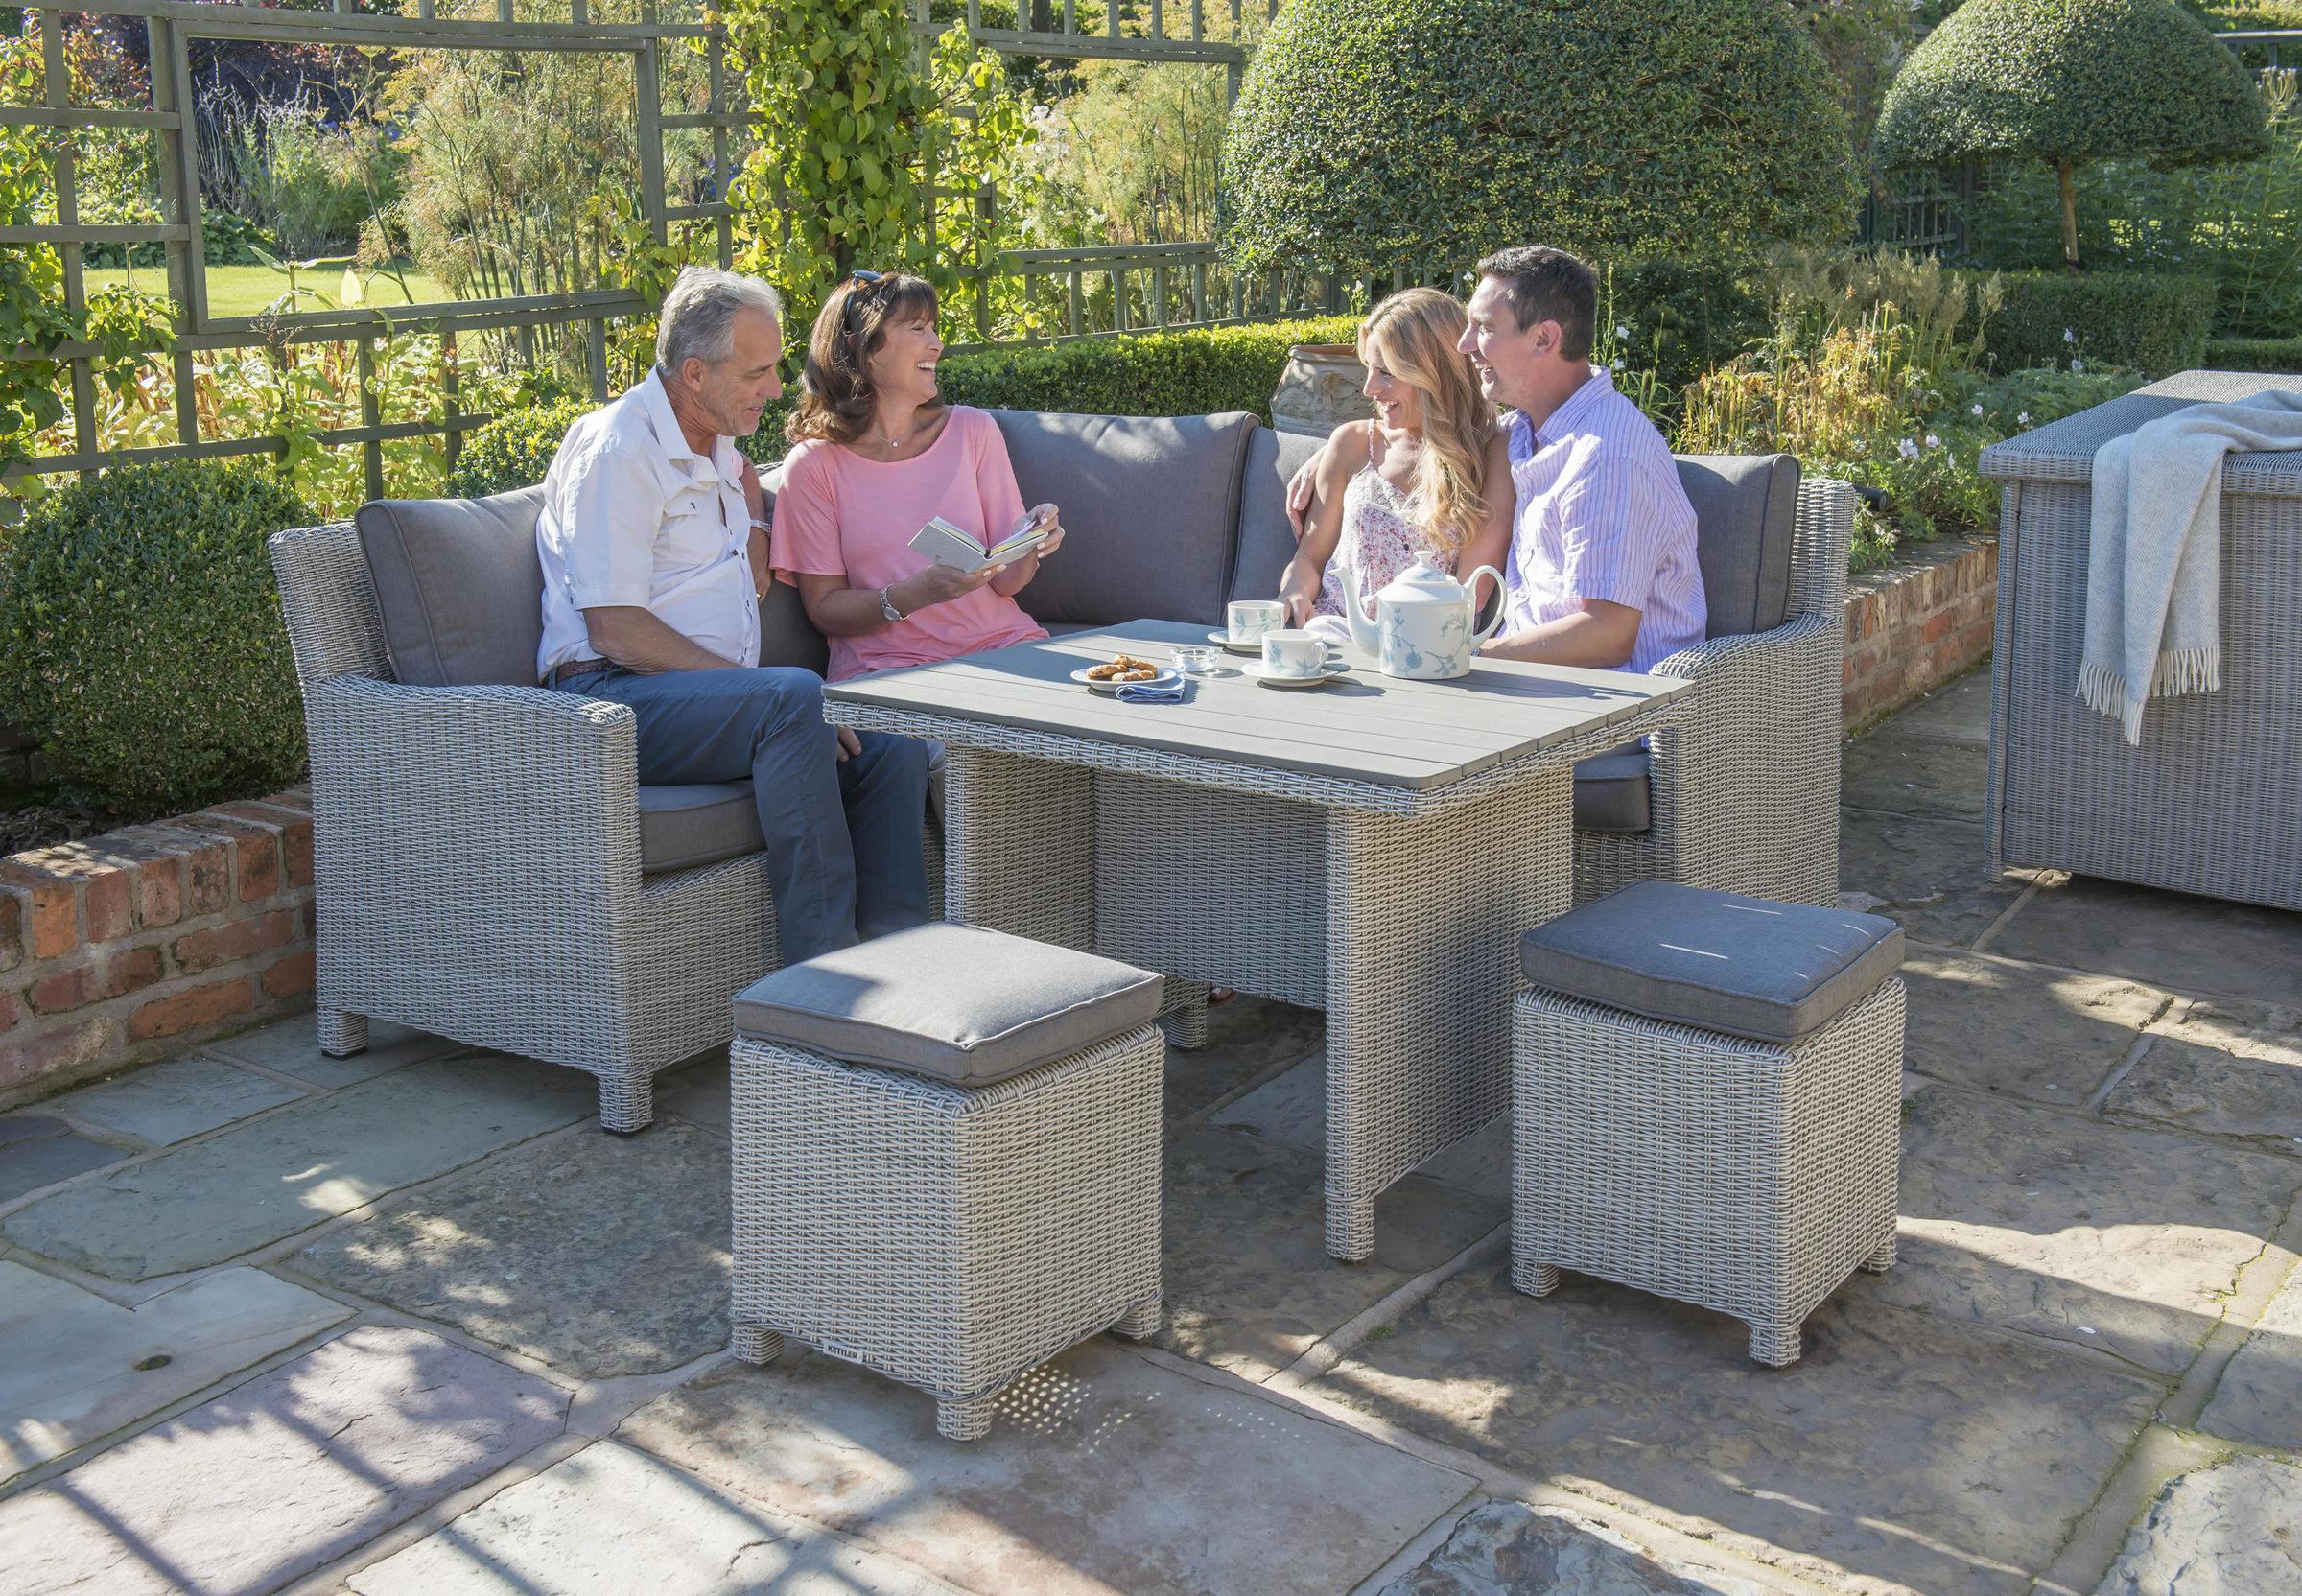 0193345 5510C Palma Mini Whitewash 0193317 5510 Palma Mini Slat Top Table Lifestyle Models 2